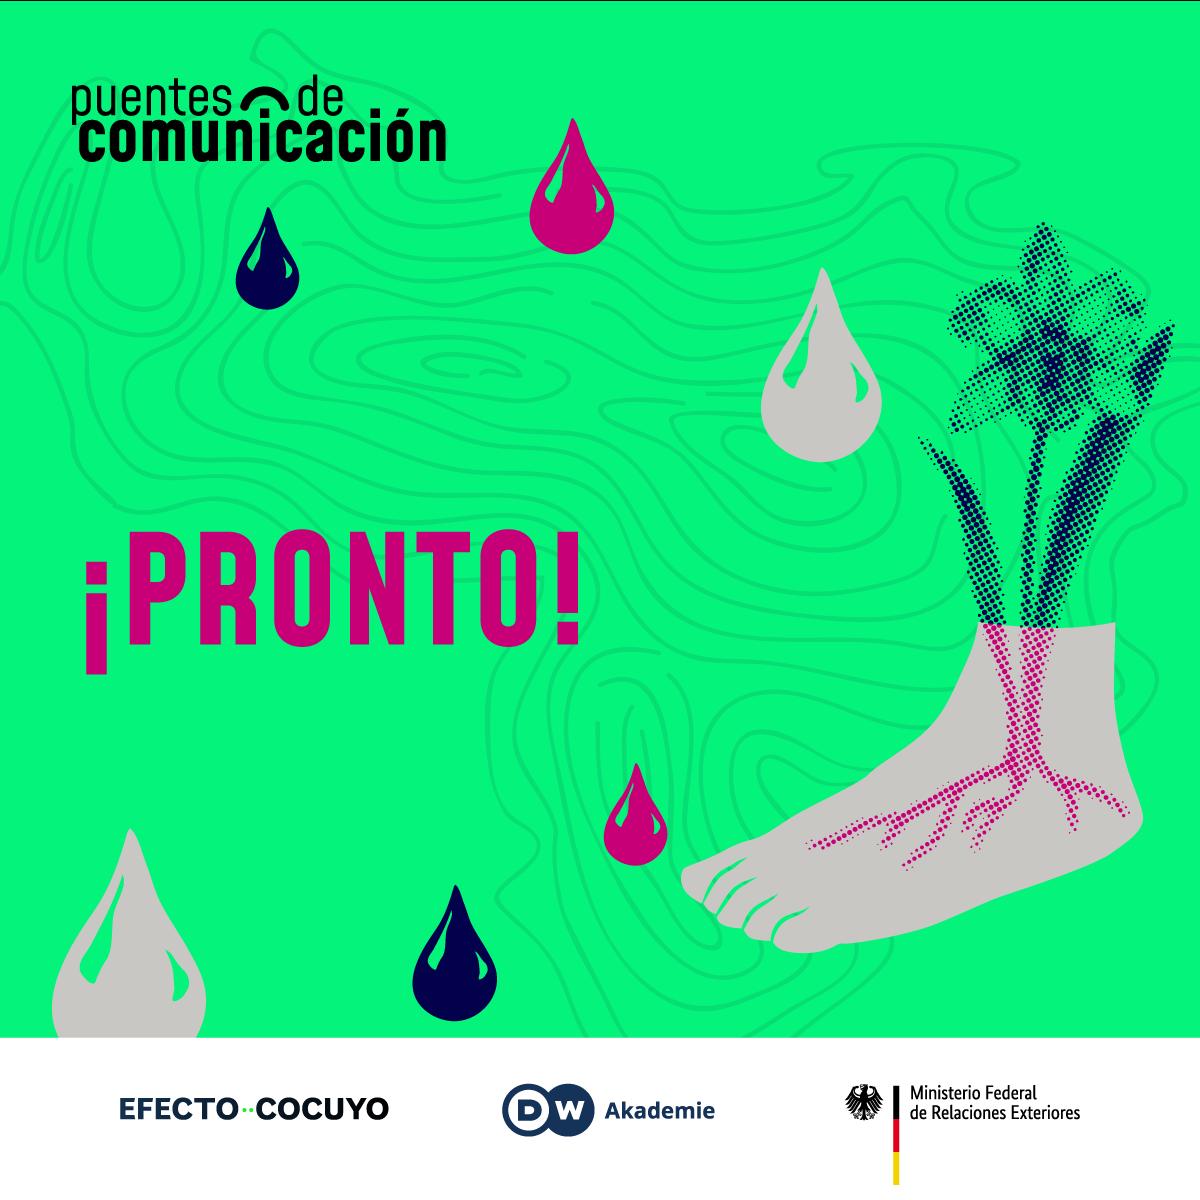 El curso virtual para la cobertura de la migración venezolana